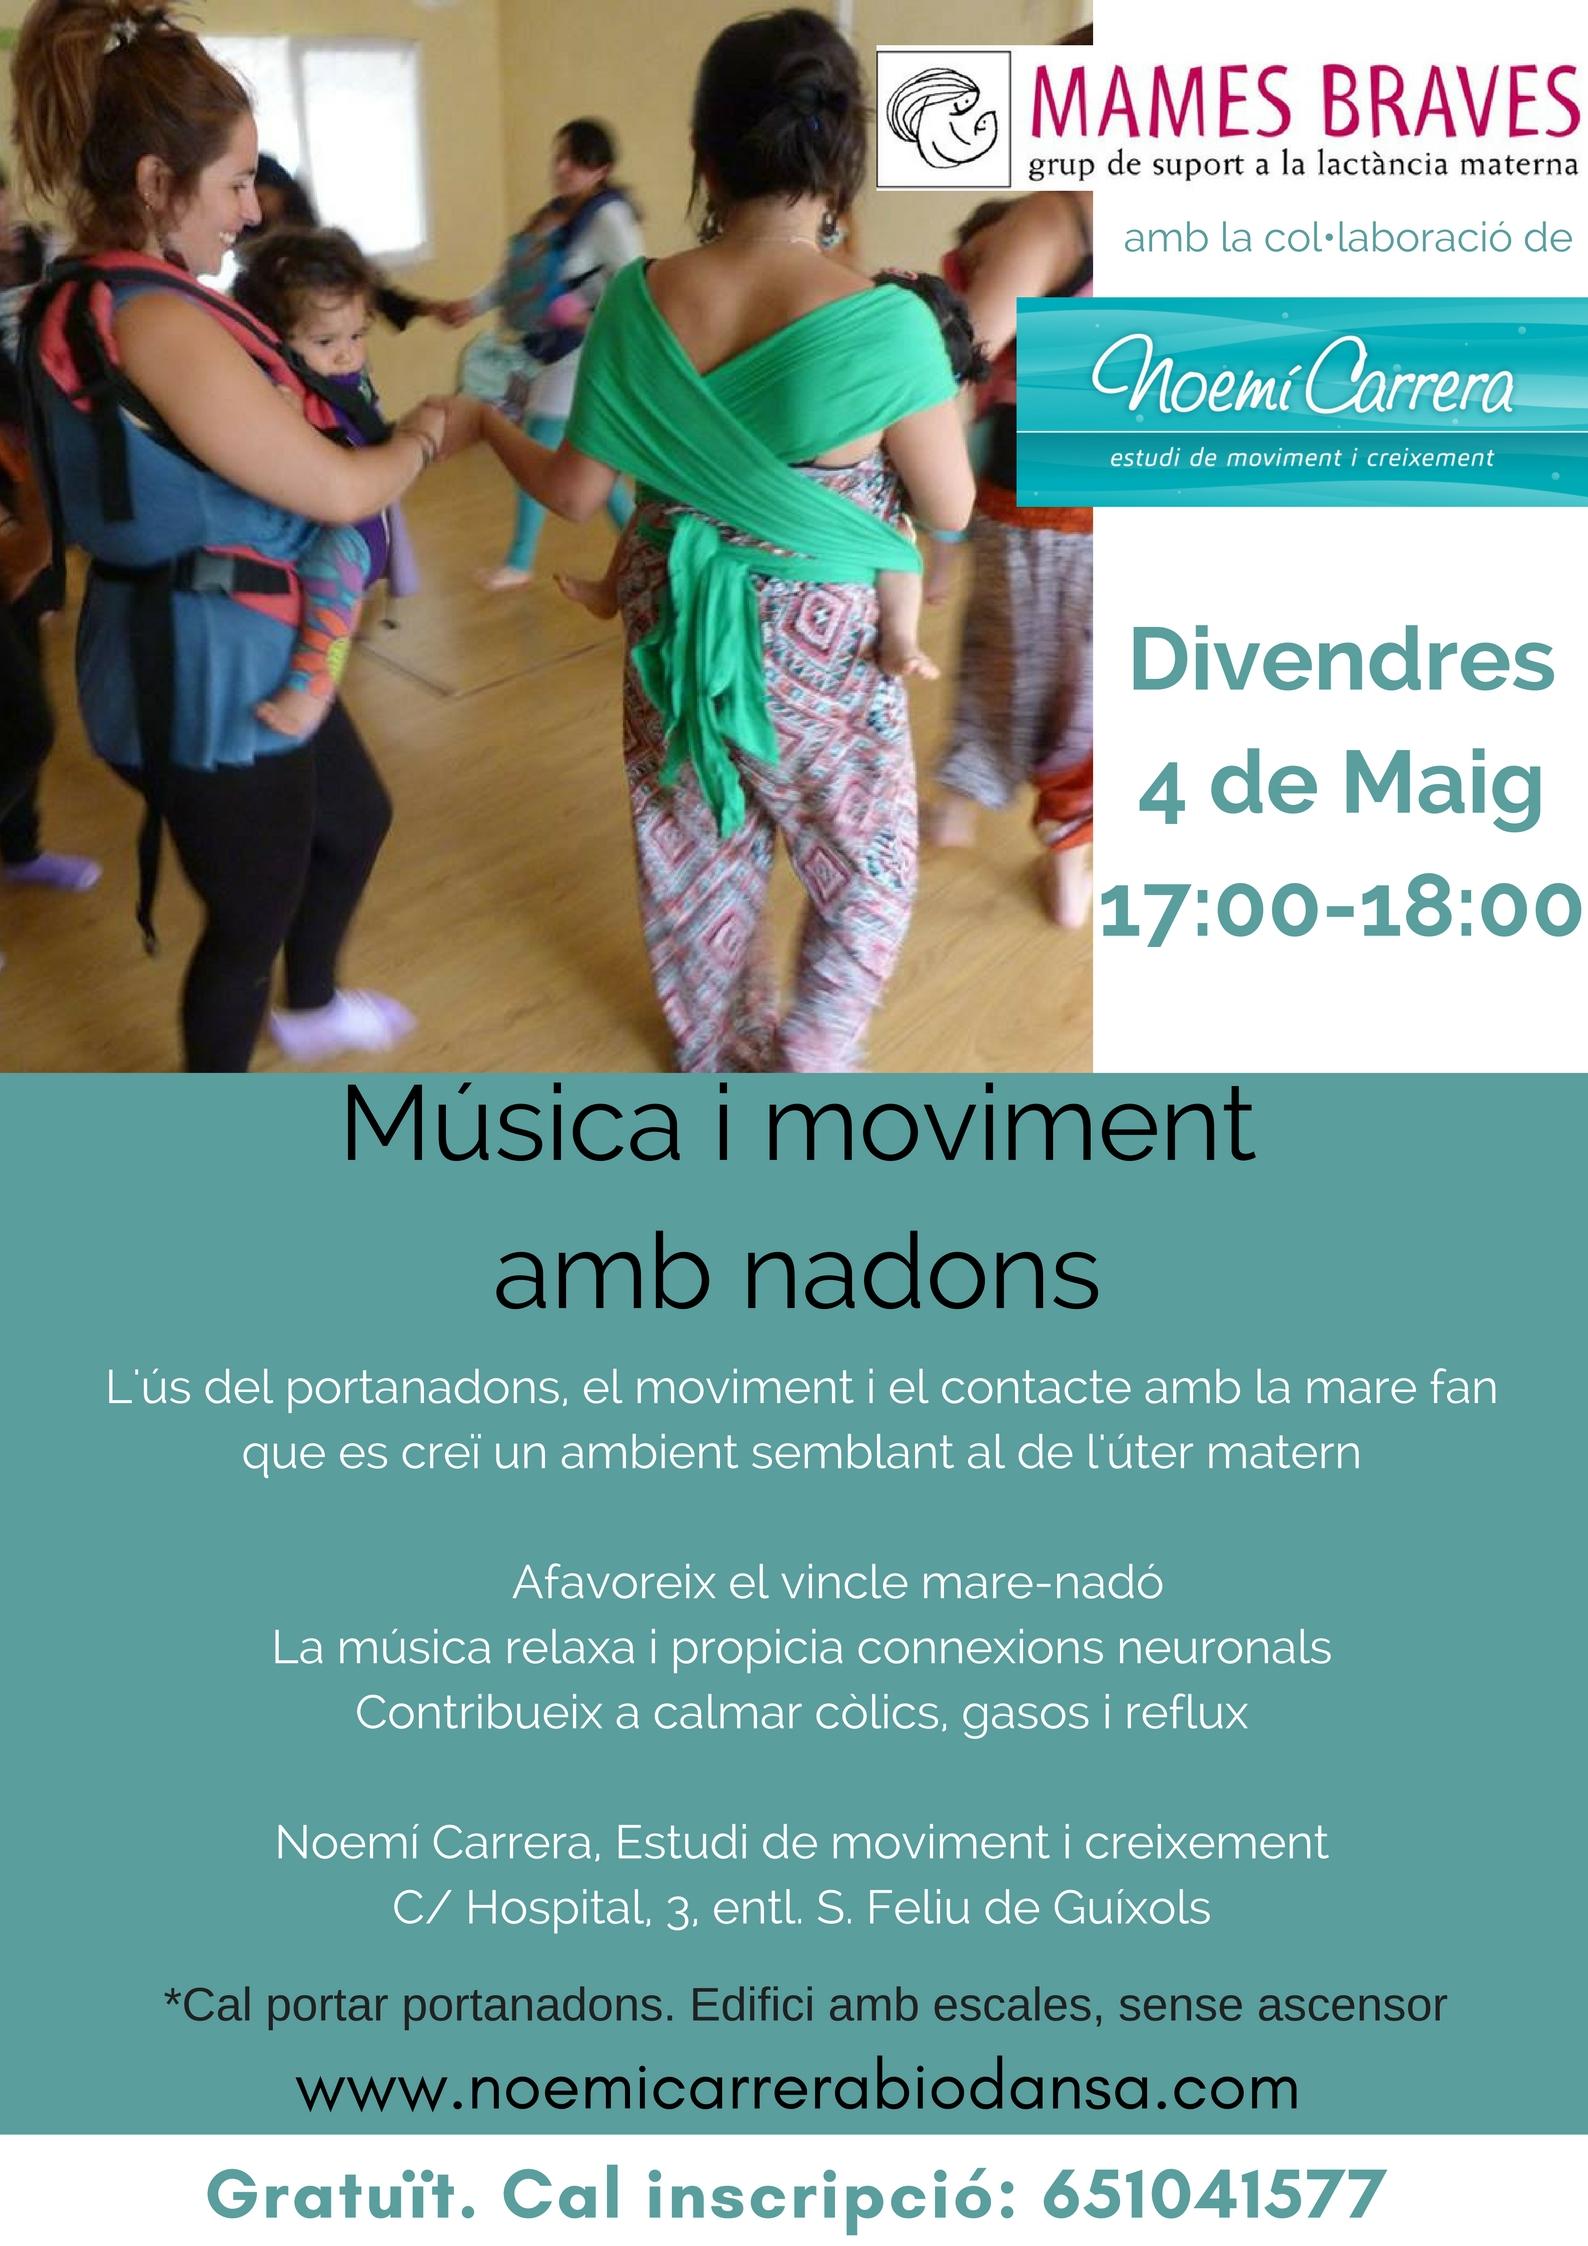 Música i moviment amb nadons_Mames Braves - amb Noemí Carrera_def